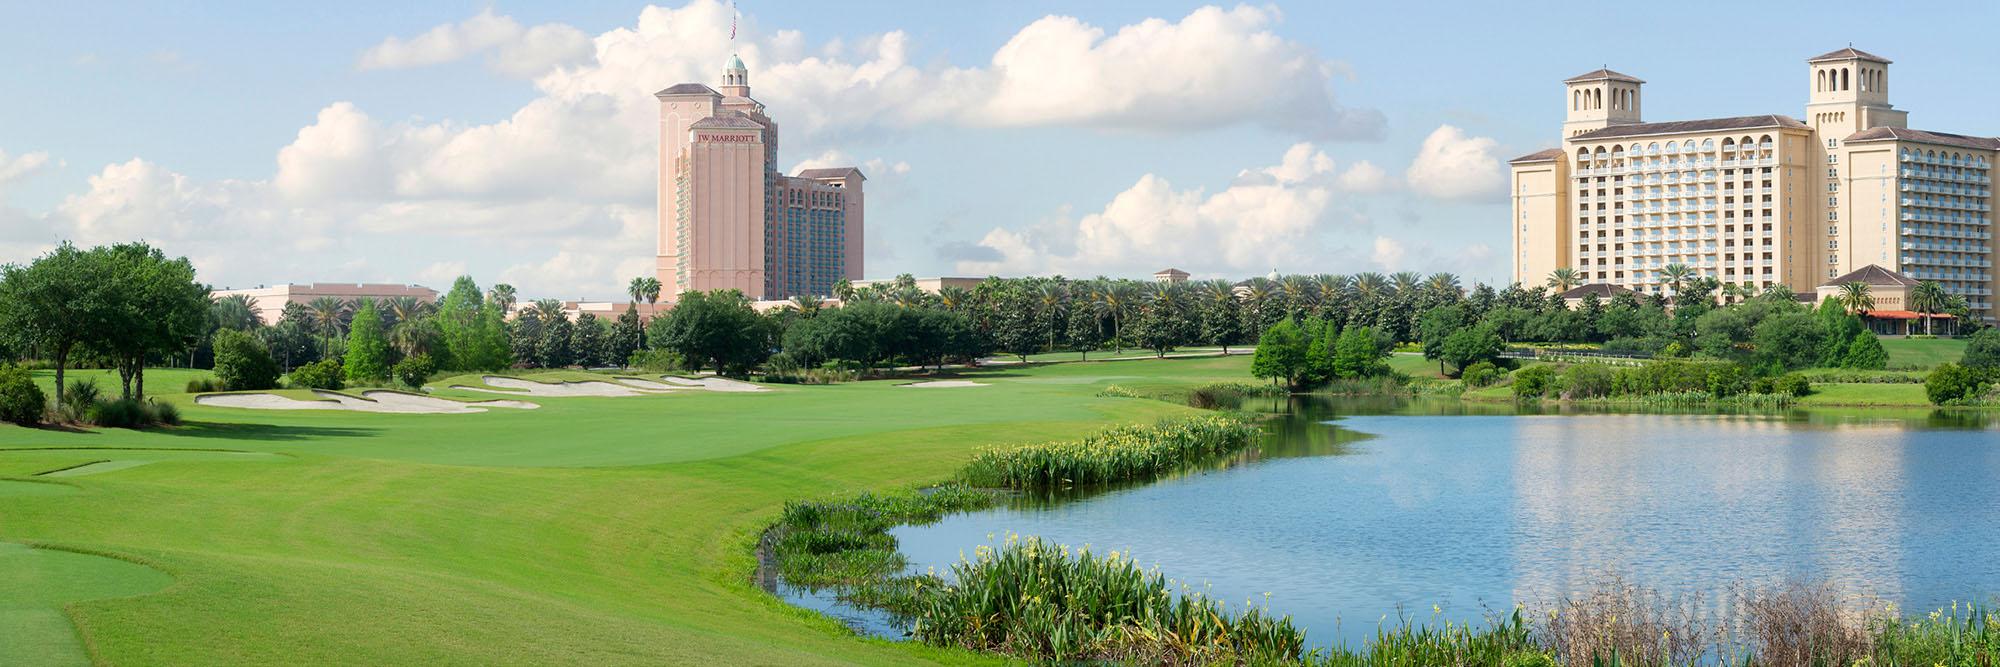 Golf Course Image - Ritz-Carlton Orlando No. 16